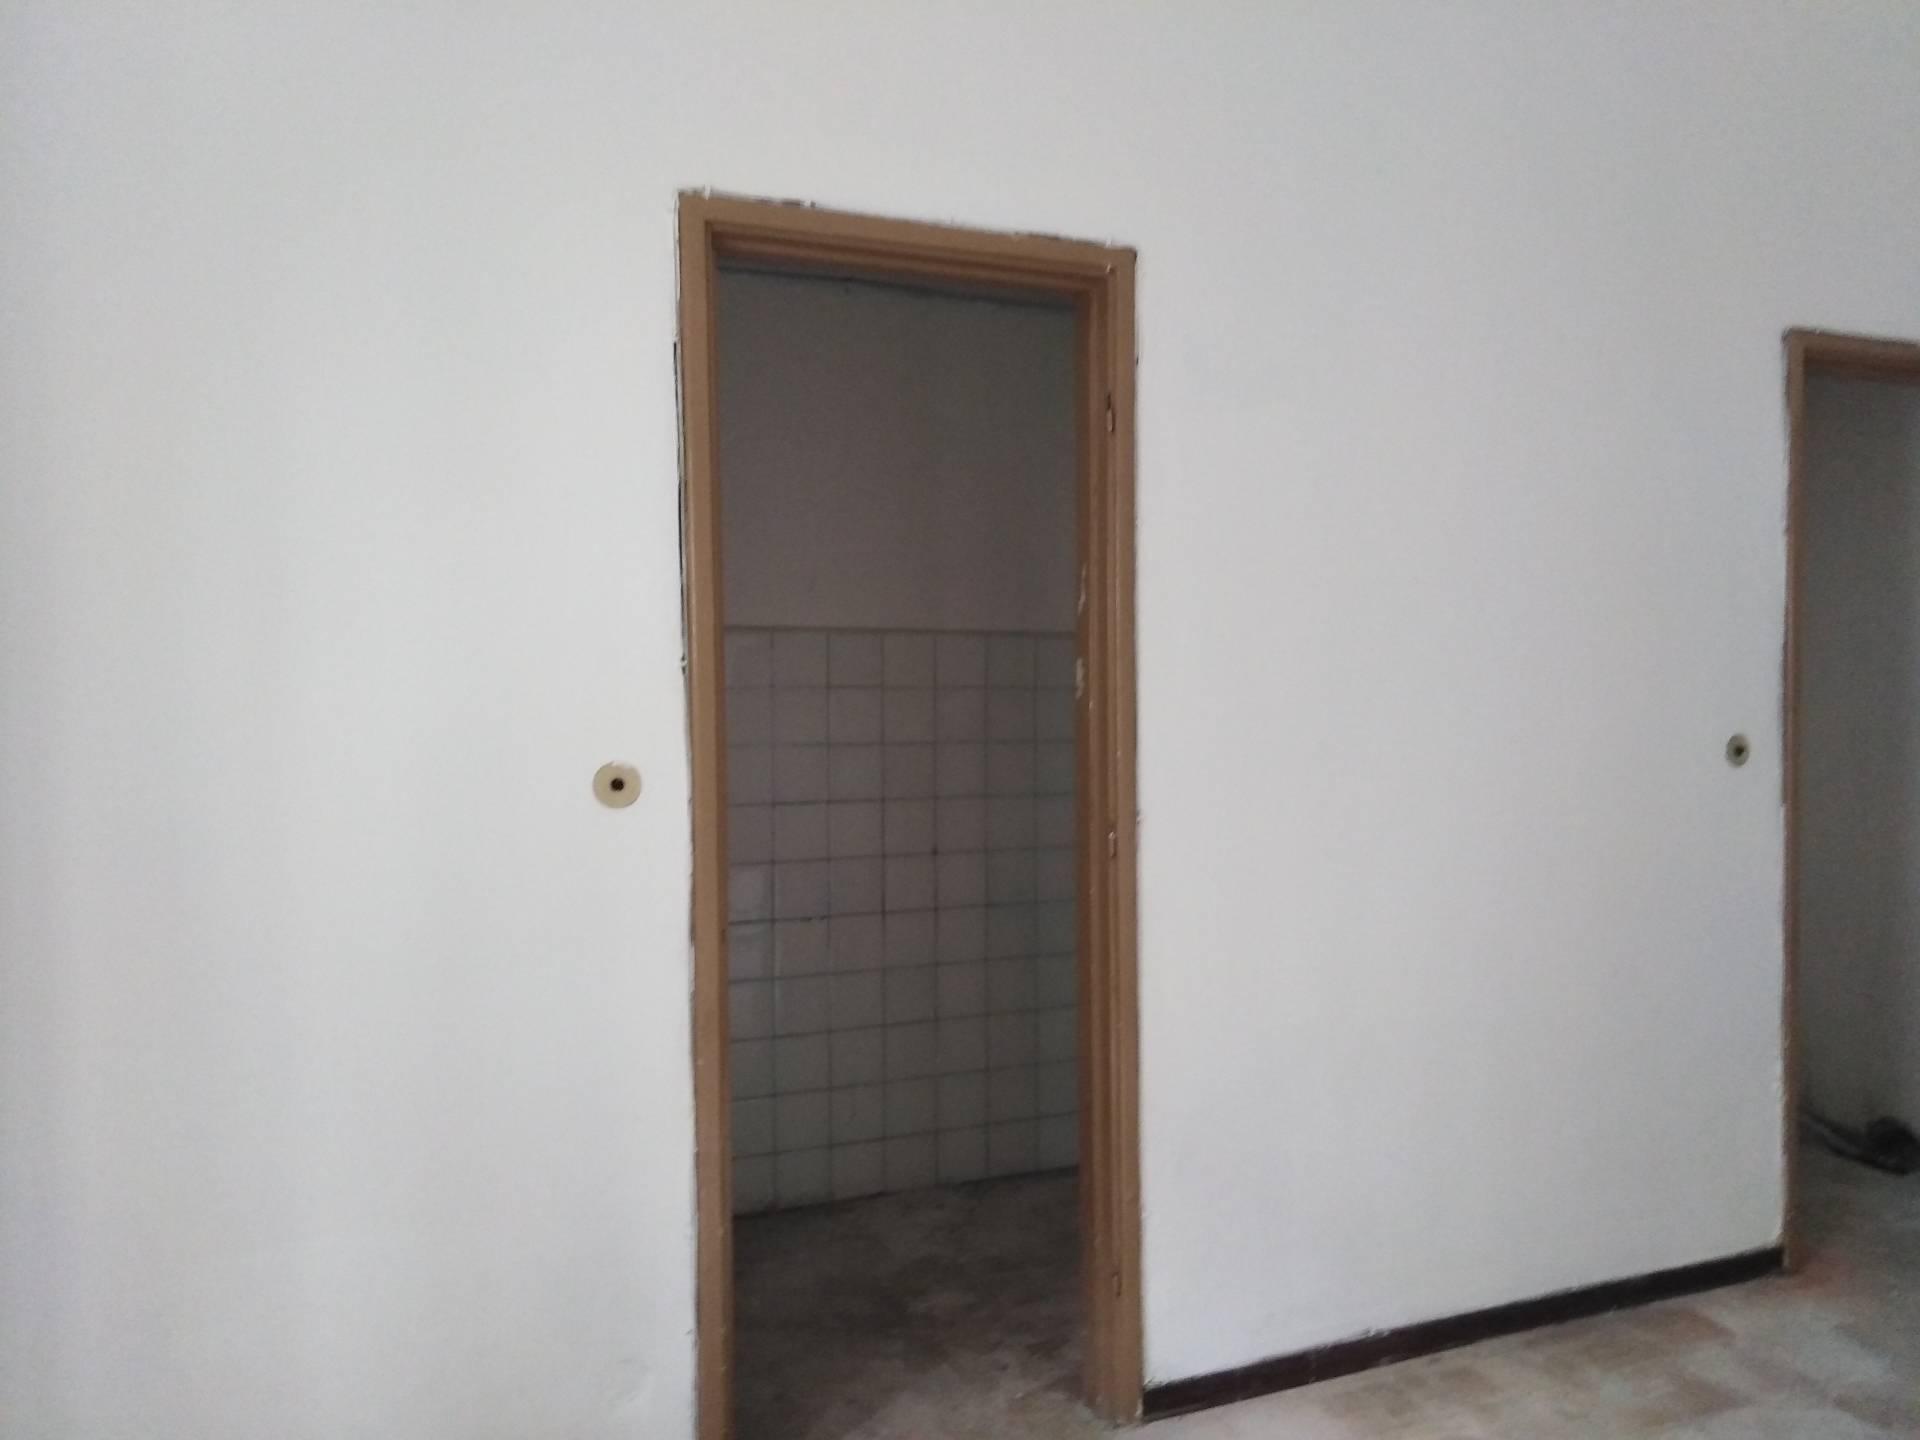 Appartamento in affitto a Novara, 2 locali, zona Località: S.Cuore-S.Martino, prezzo € 350 | CambioCasa.it